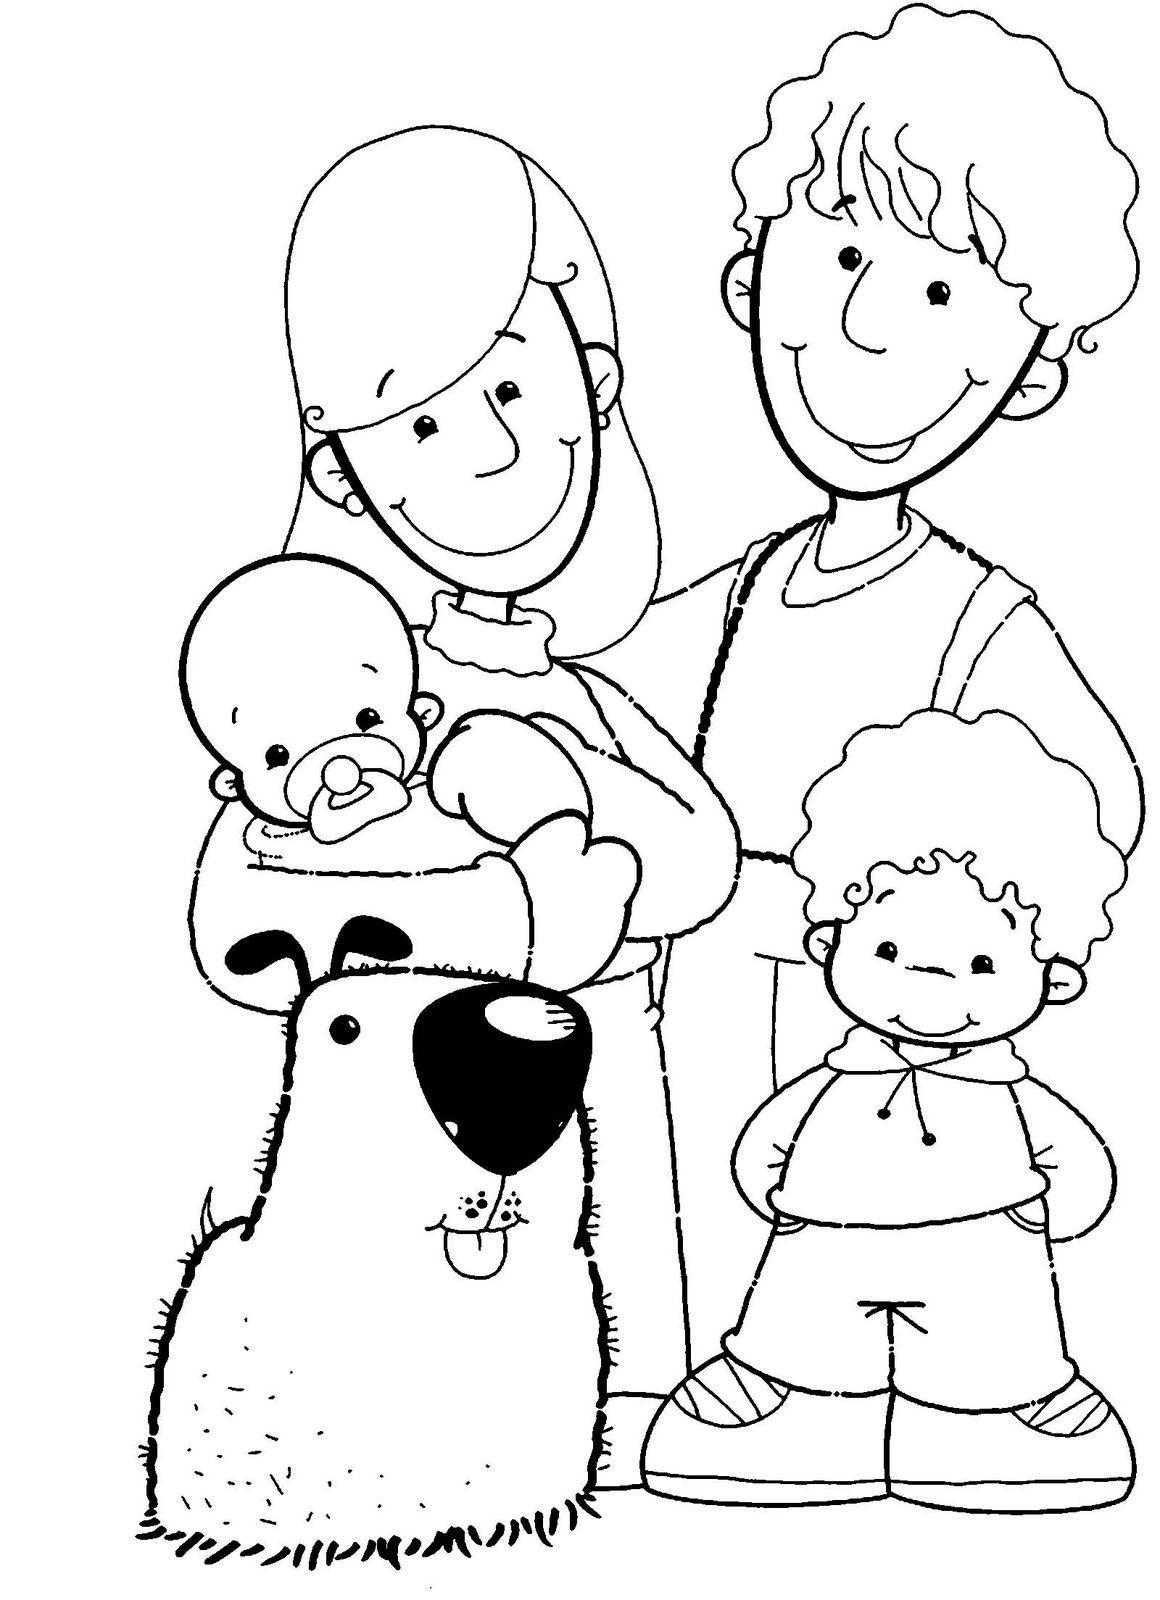 Menta Mas Chocolate Recursos Y Actividades Para Educacion Infantil Dibujos De Los Derechos De Derechos De Los Ninos Deberes De Los Ninos Imagenes De Familia